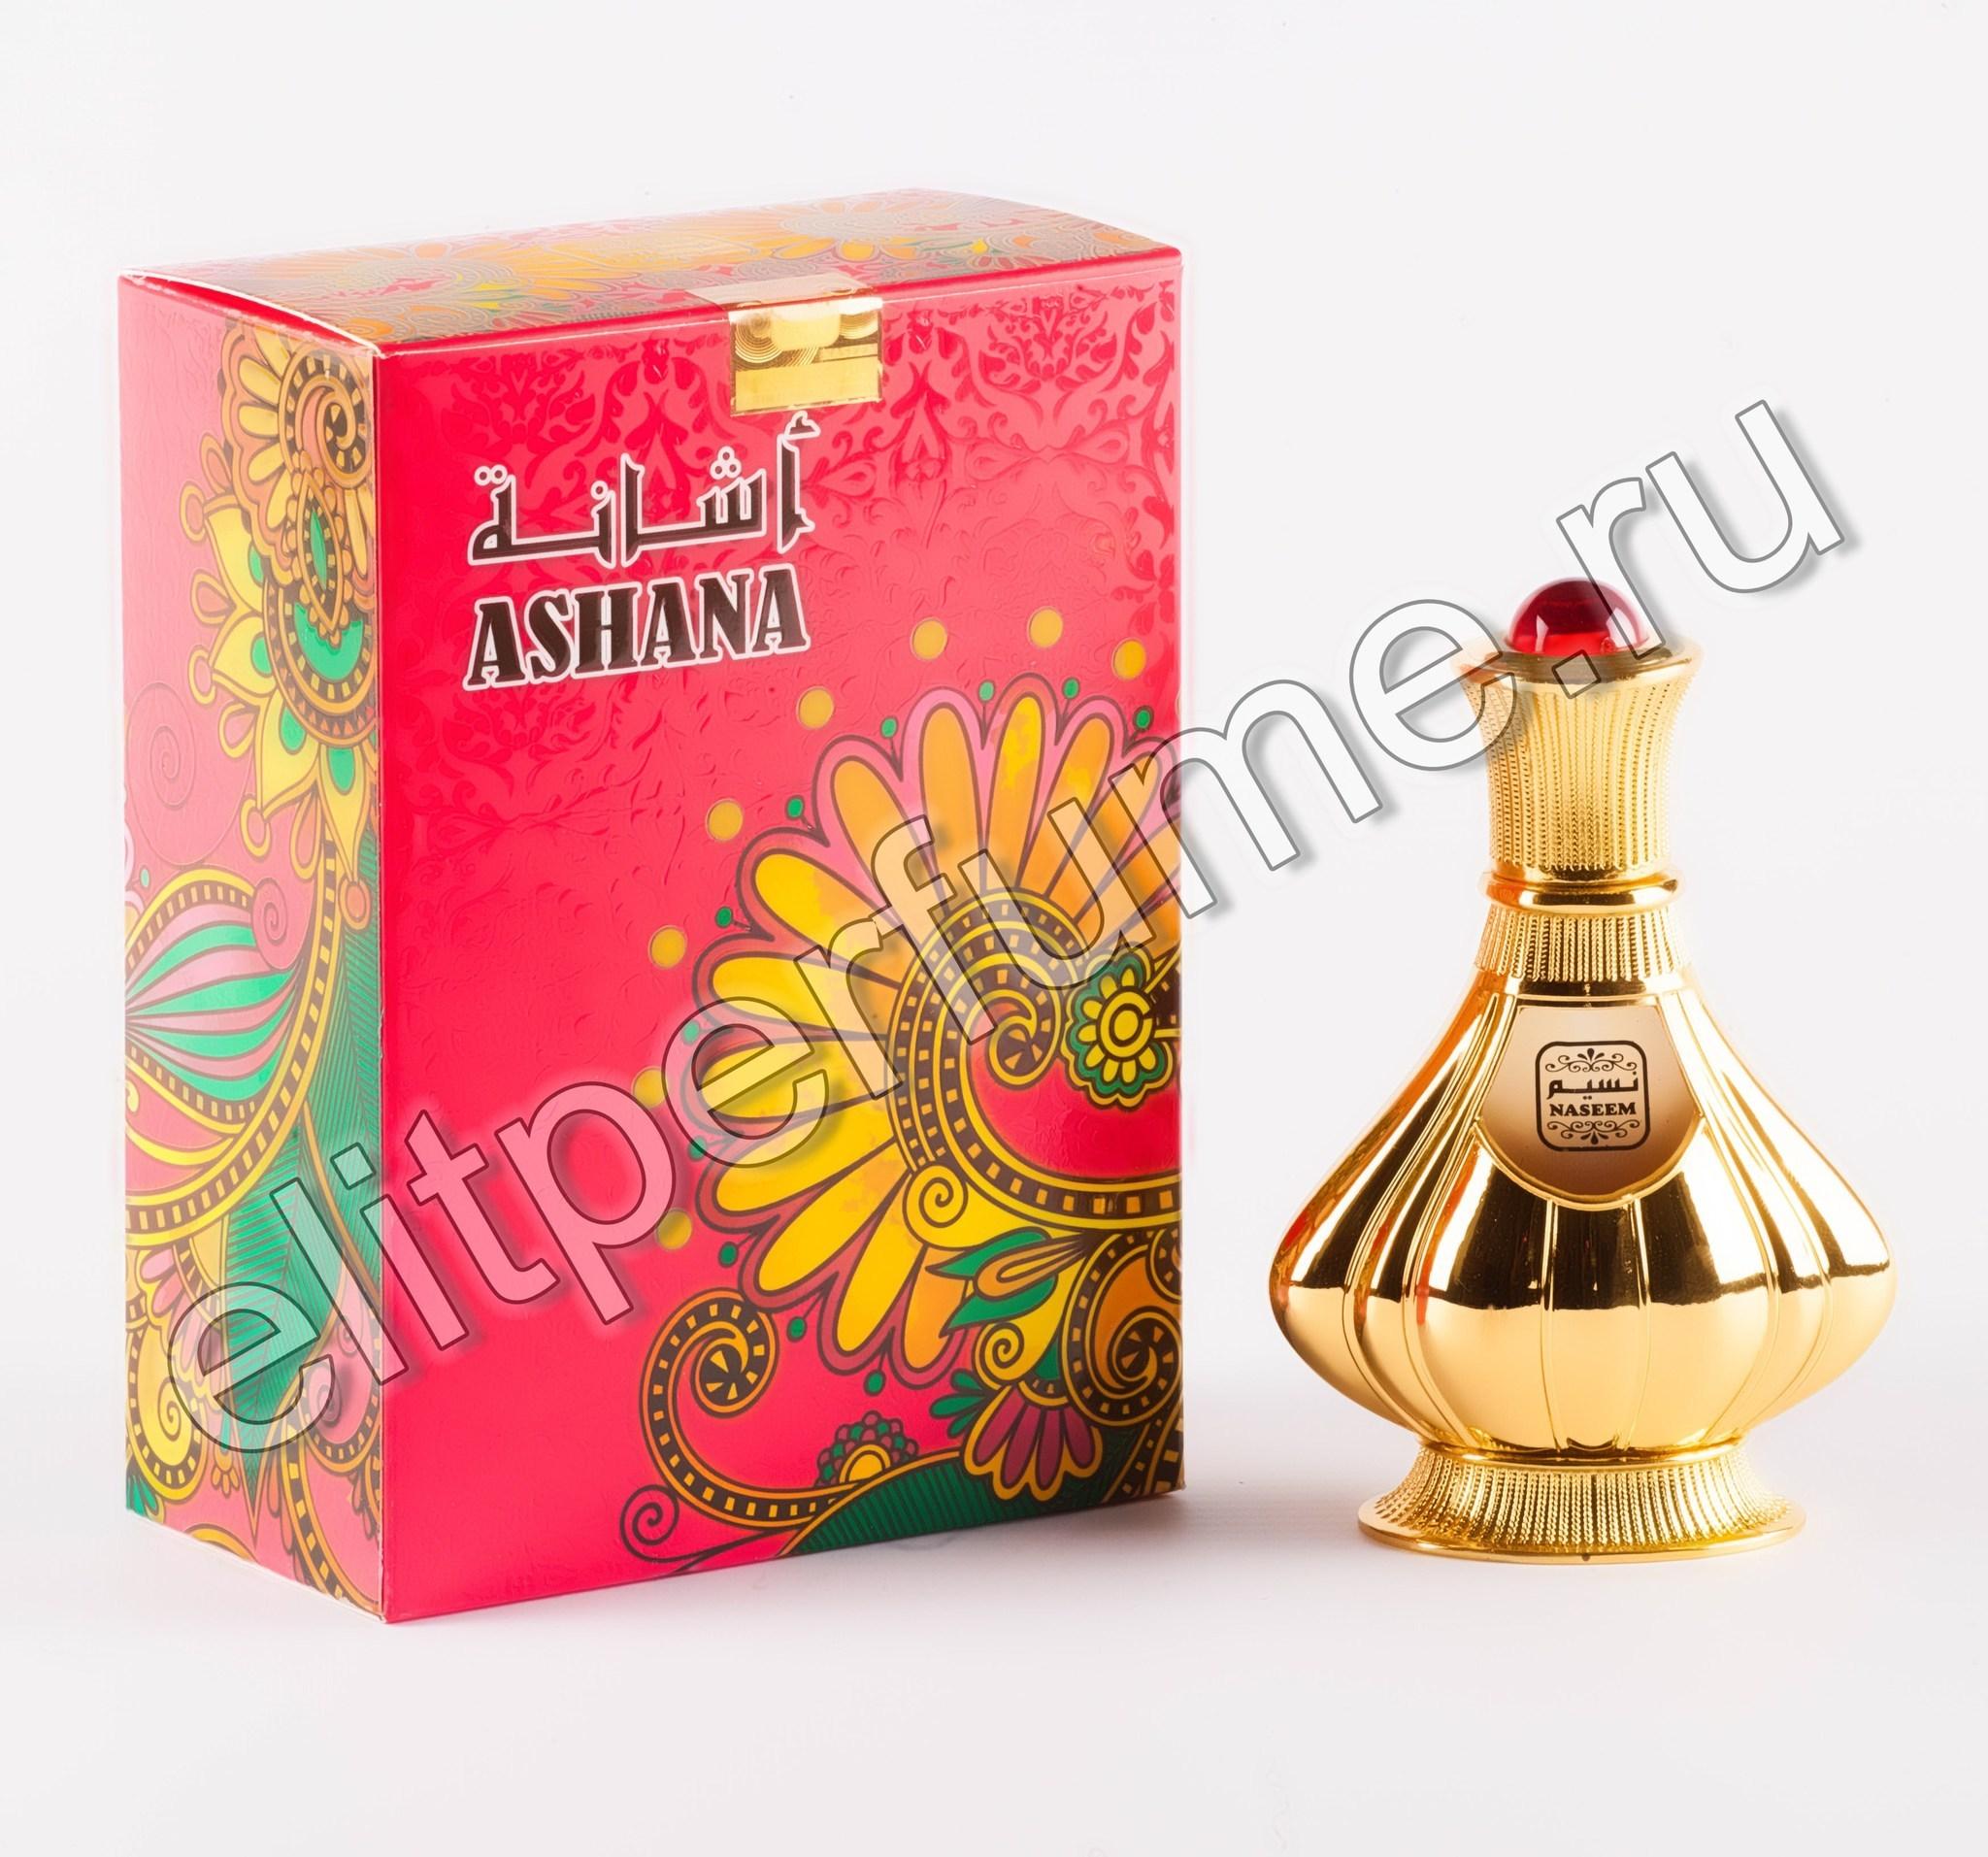 Пробник для Ashana Aшана 1 мл арабские масляные духи от Насим Naseem Perfumes